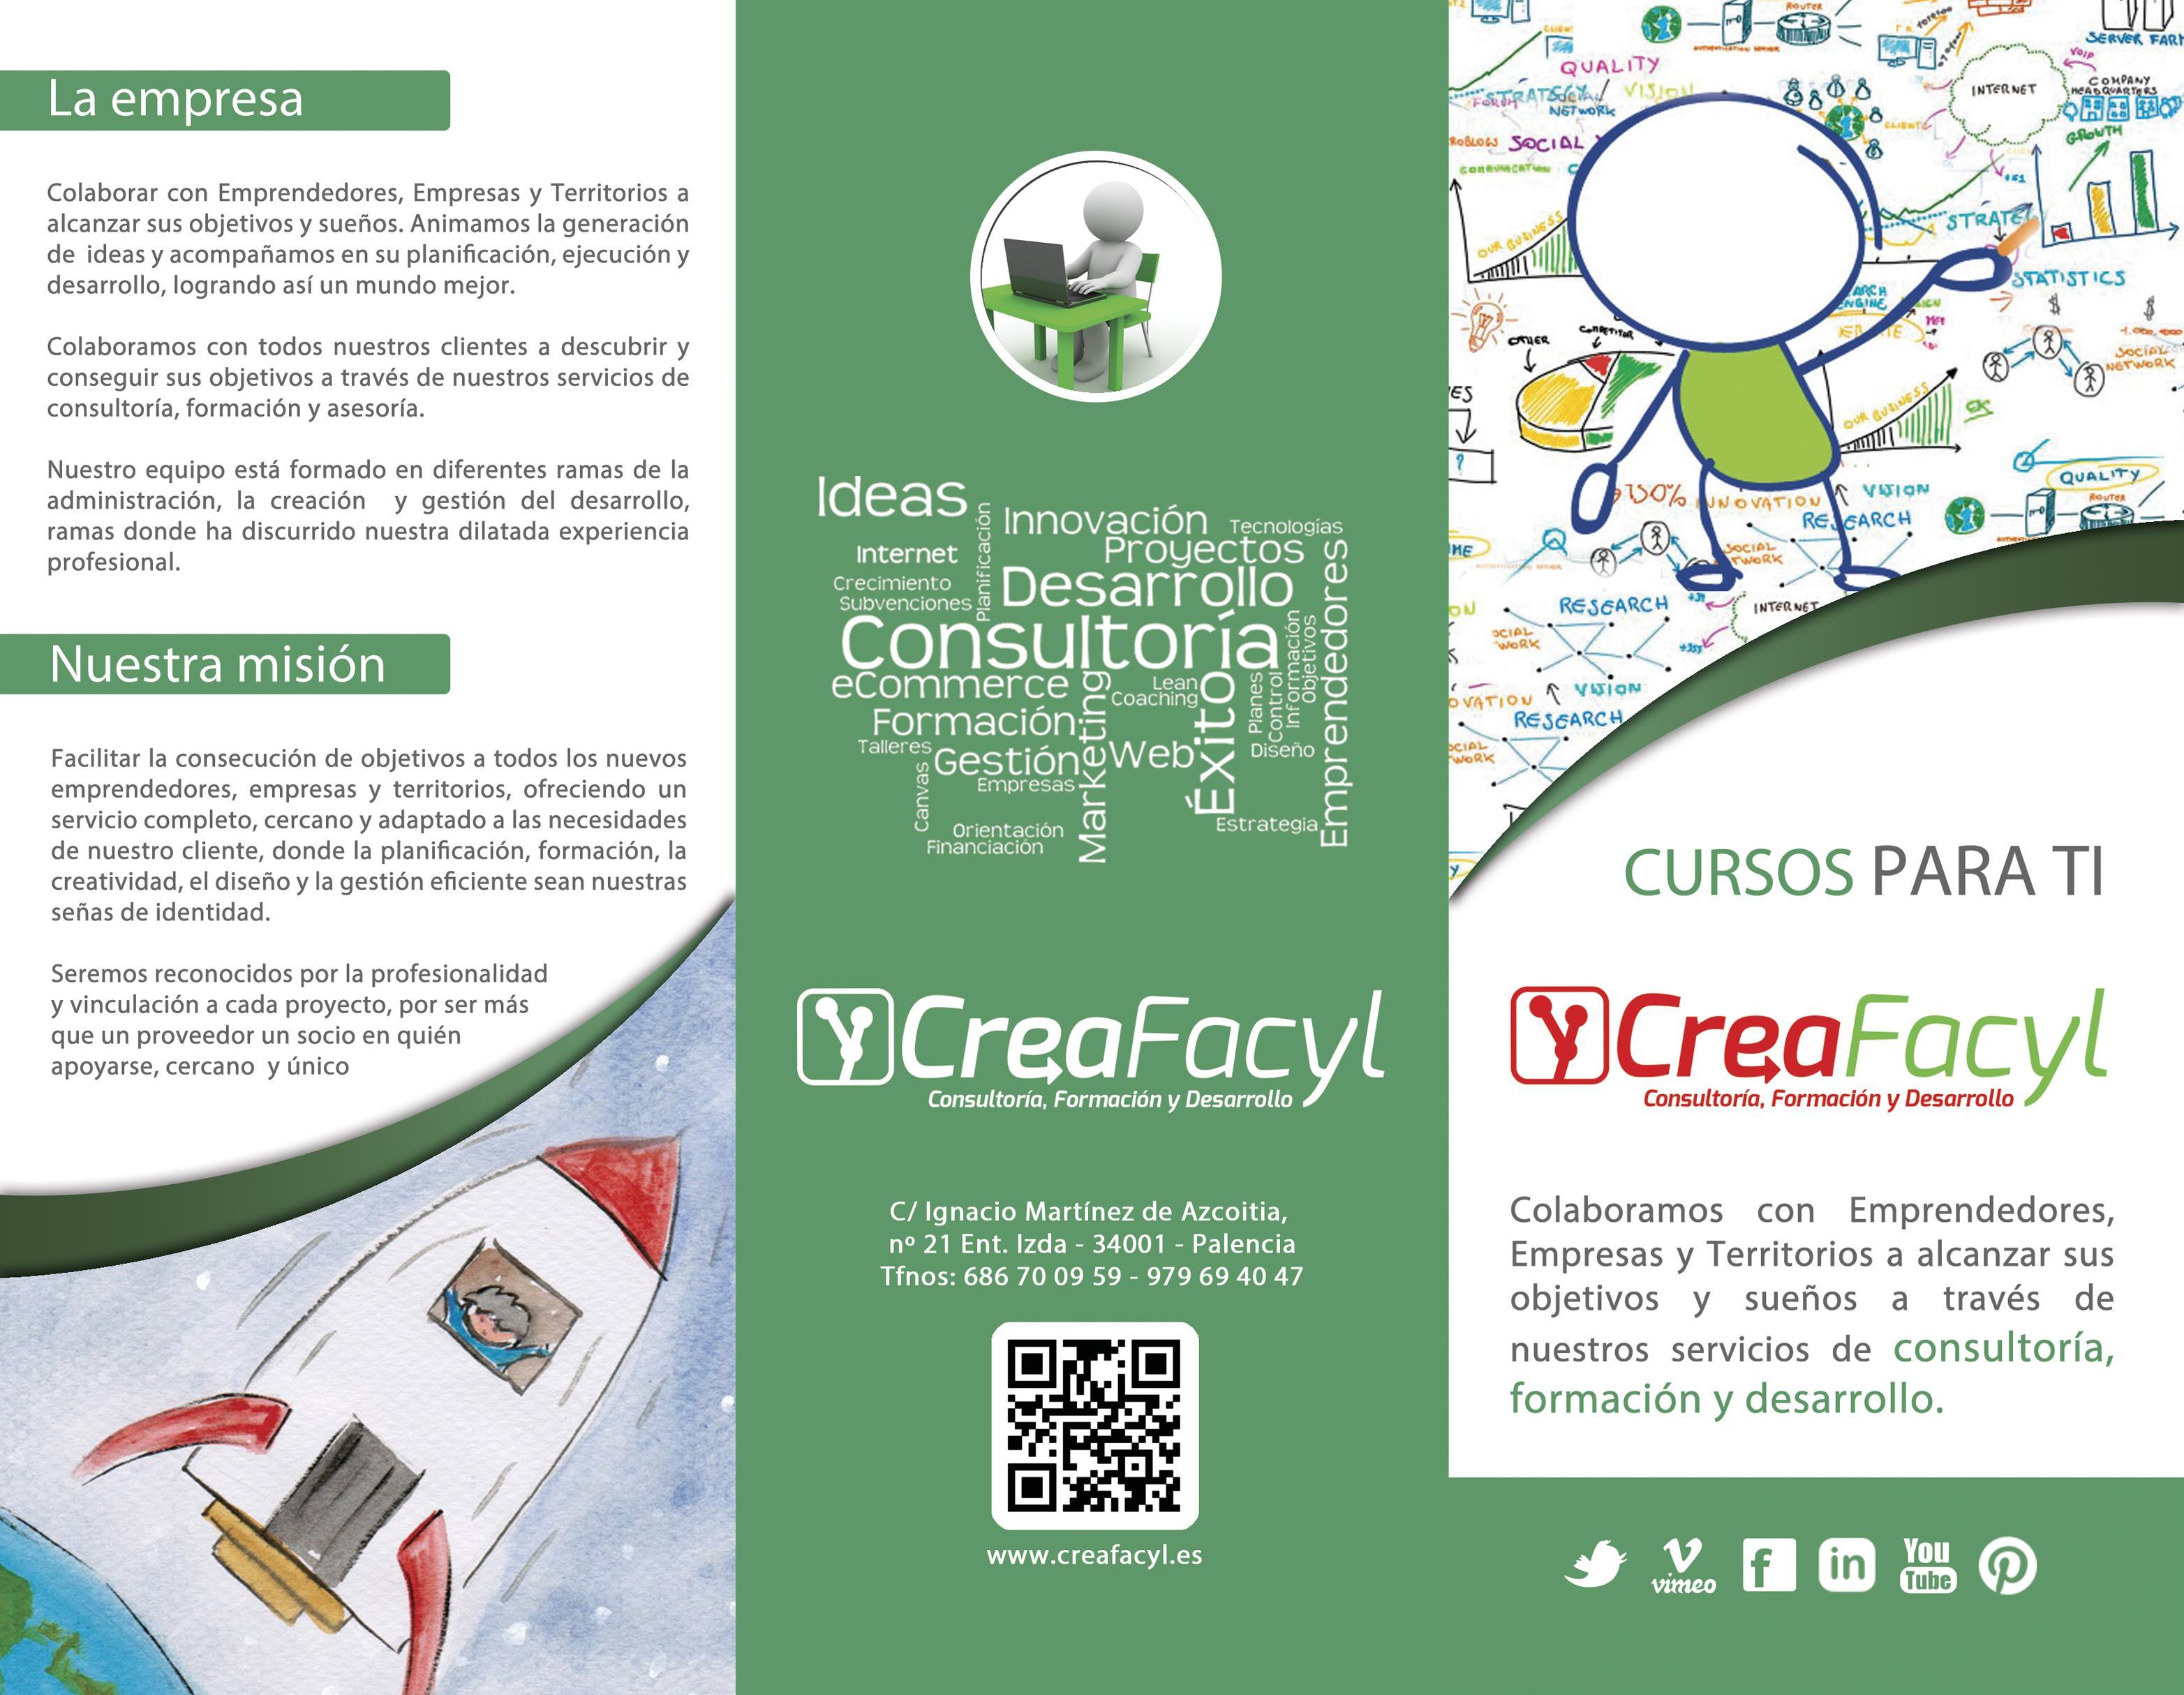 Cursos_01_rec Creafacyl